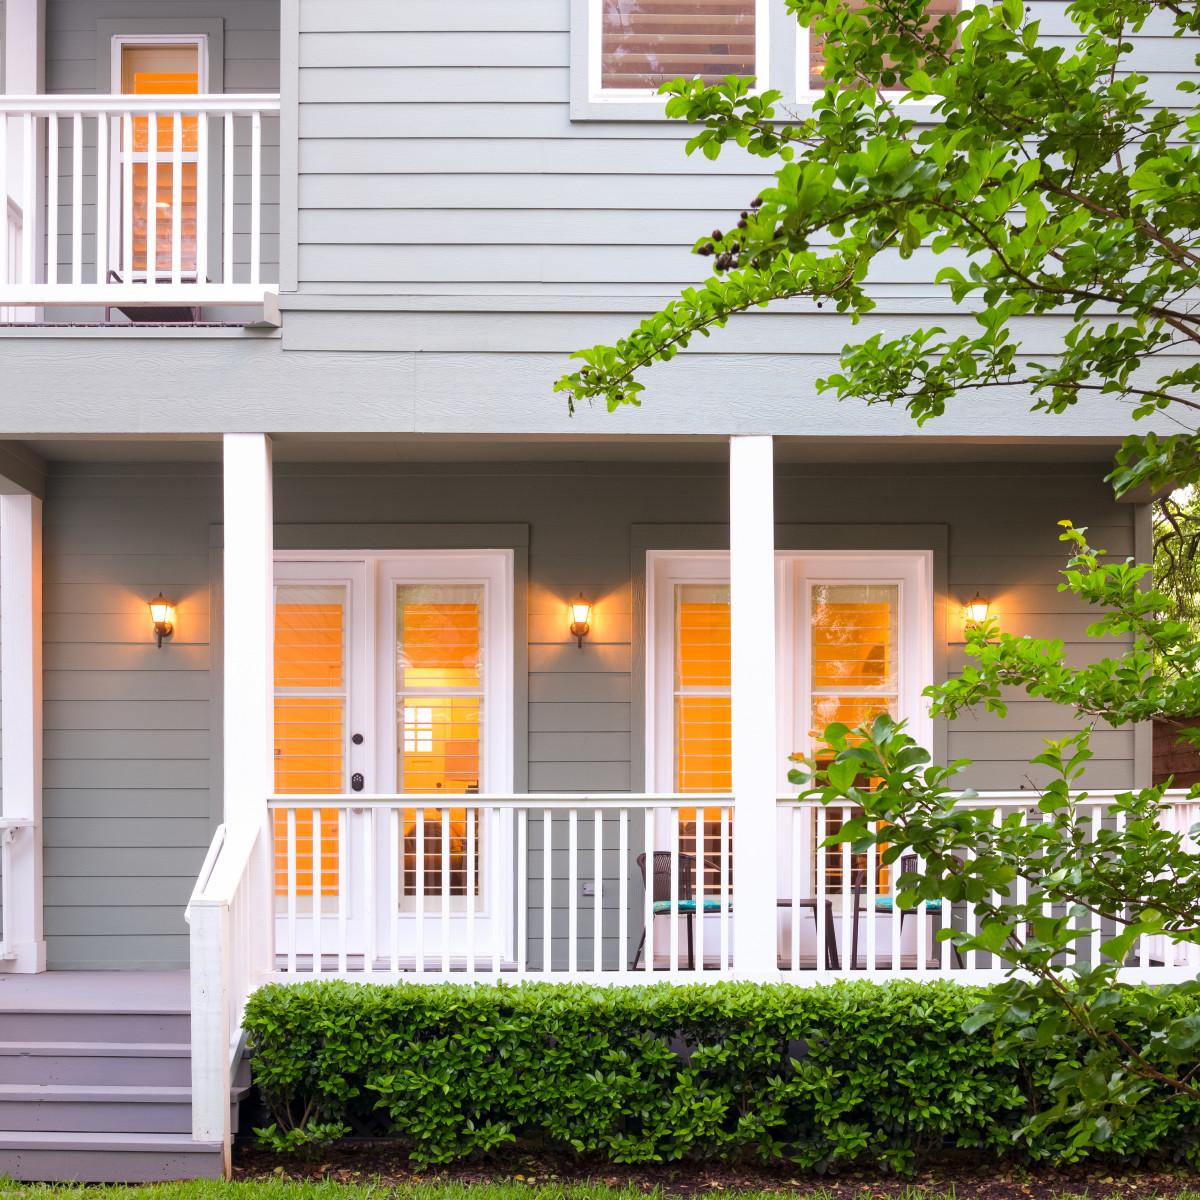 Houston, 1216 Bomar, June 2015, Front porch